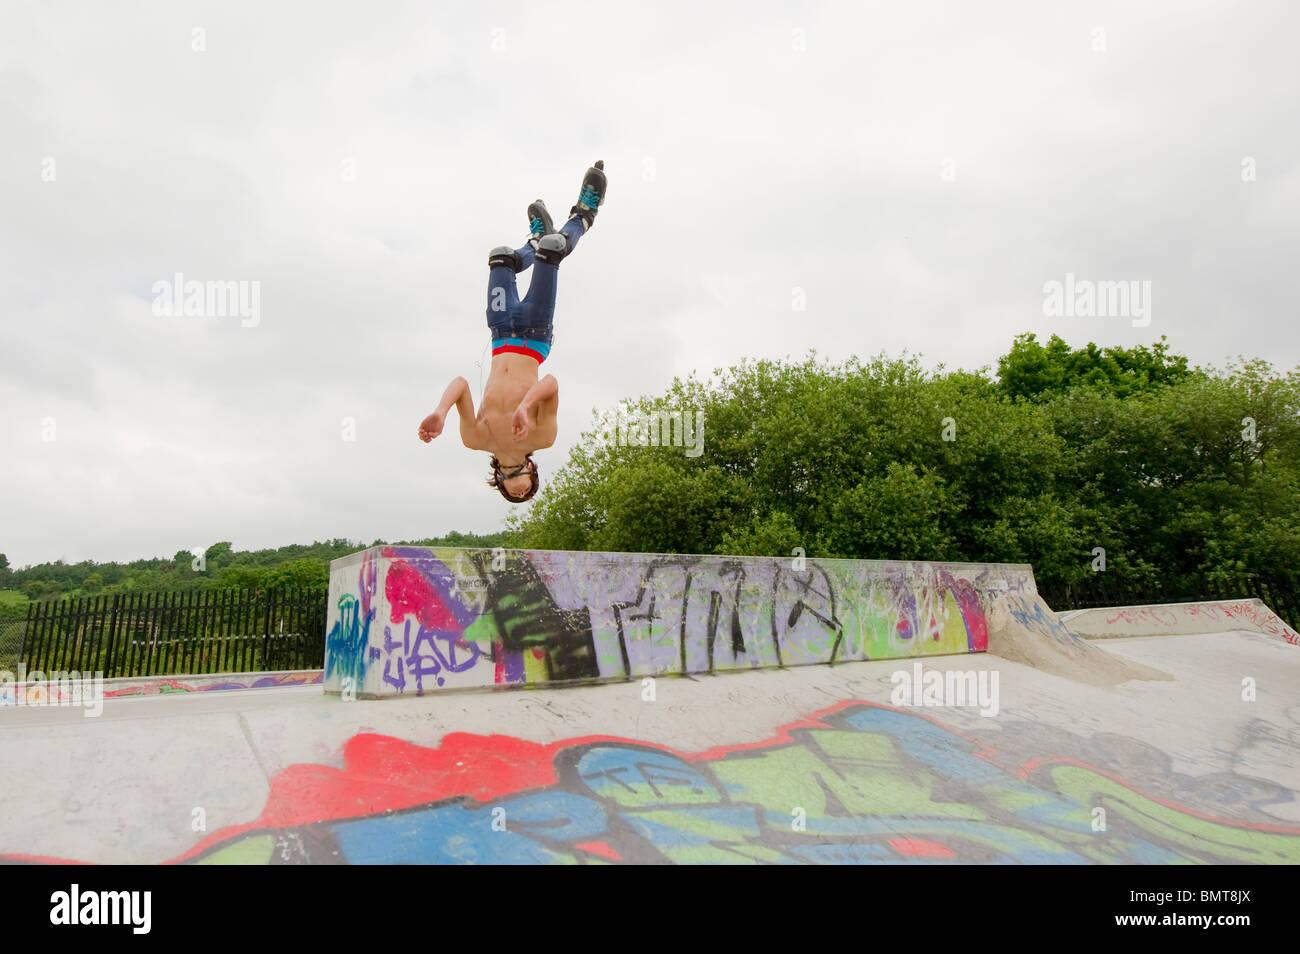 En ligne patineur dans l'action au skate park construit à cet effet à Leigh on Sea , Essex, UK. Photo Stock